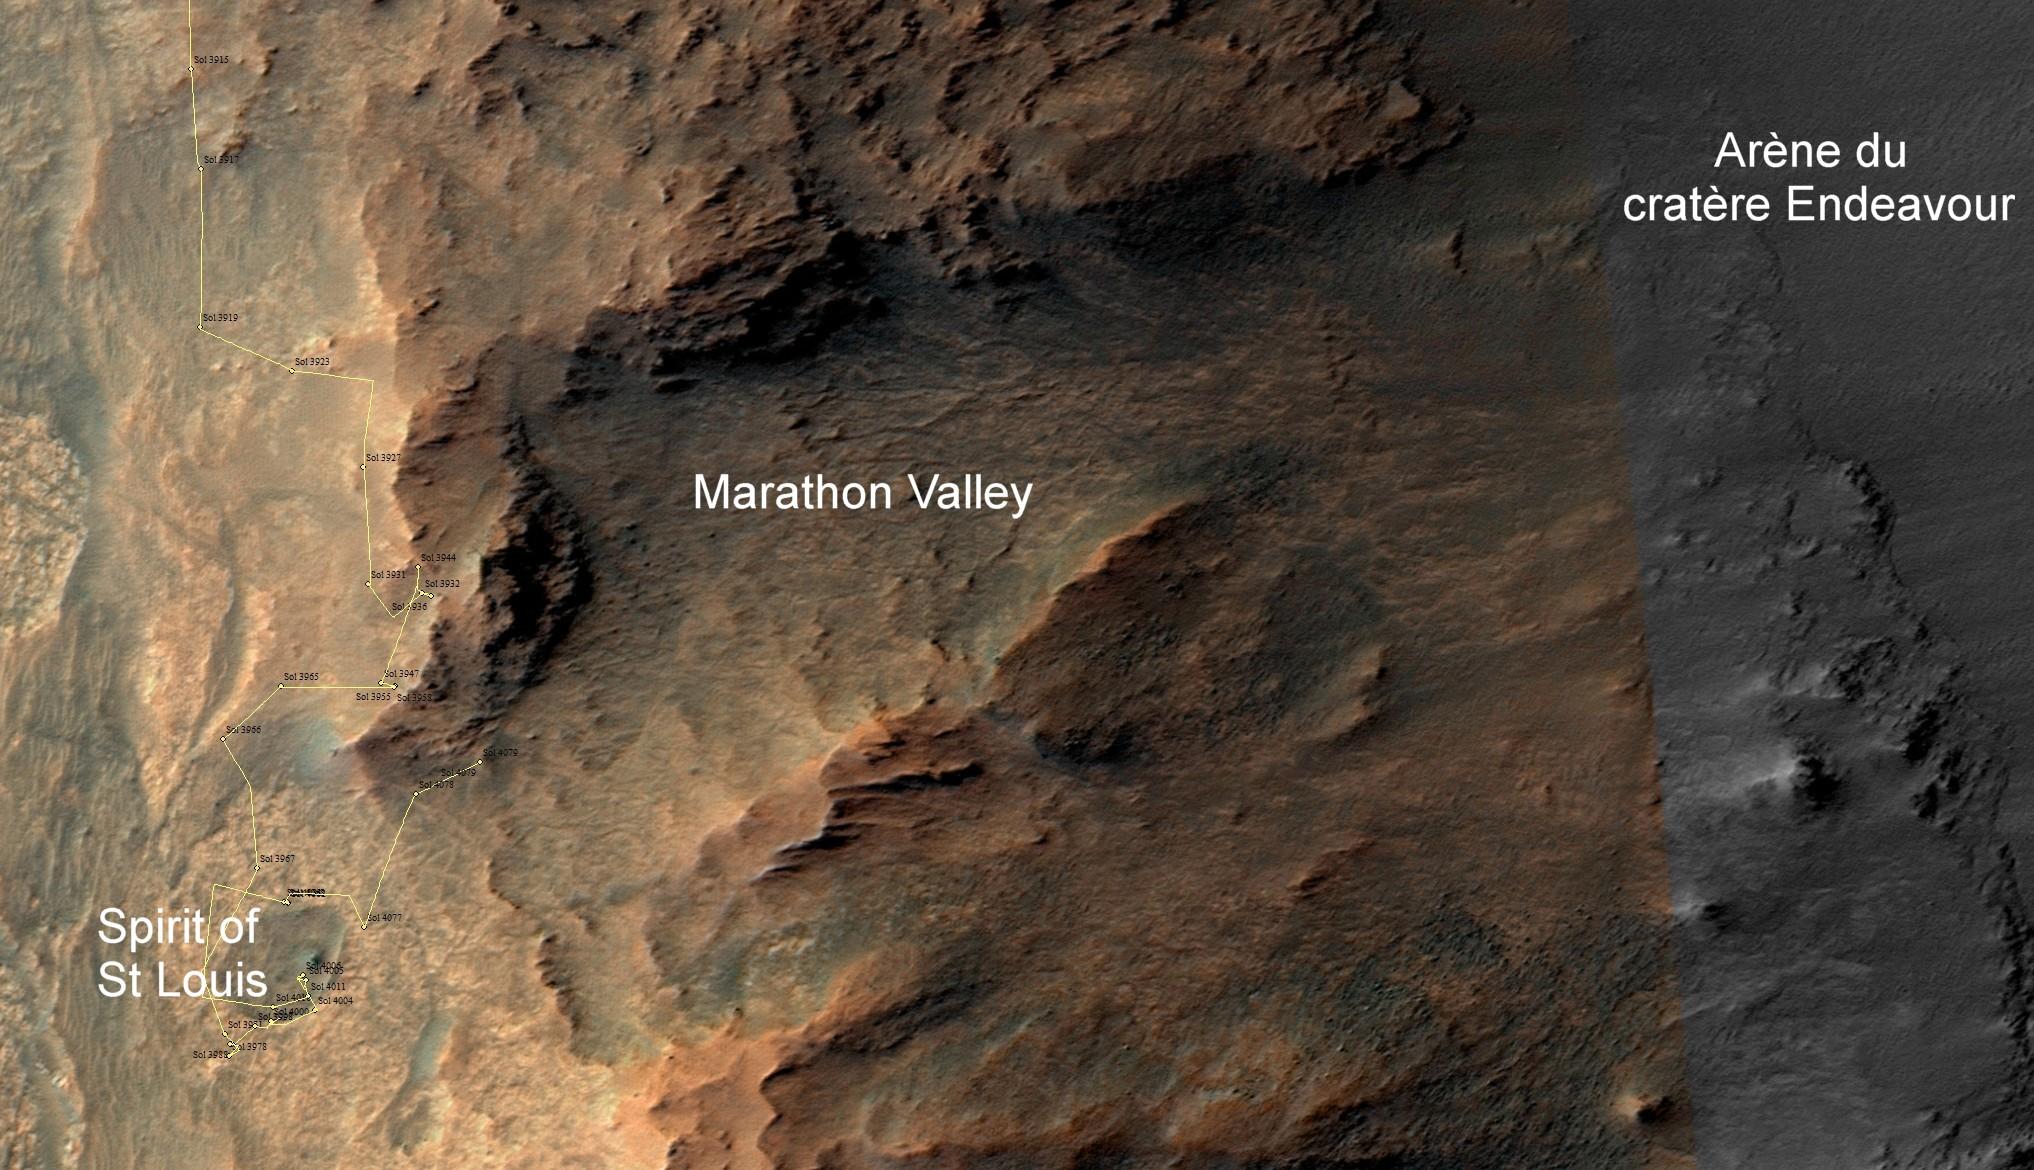 marathon valley renseigné